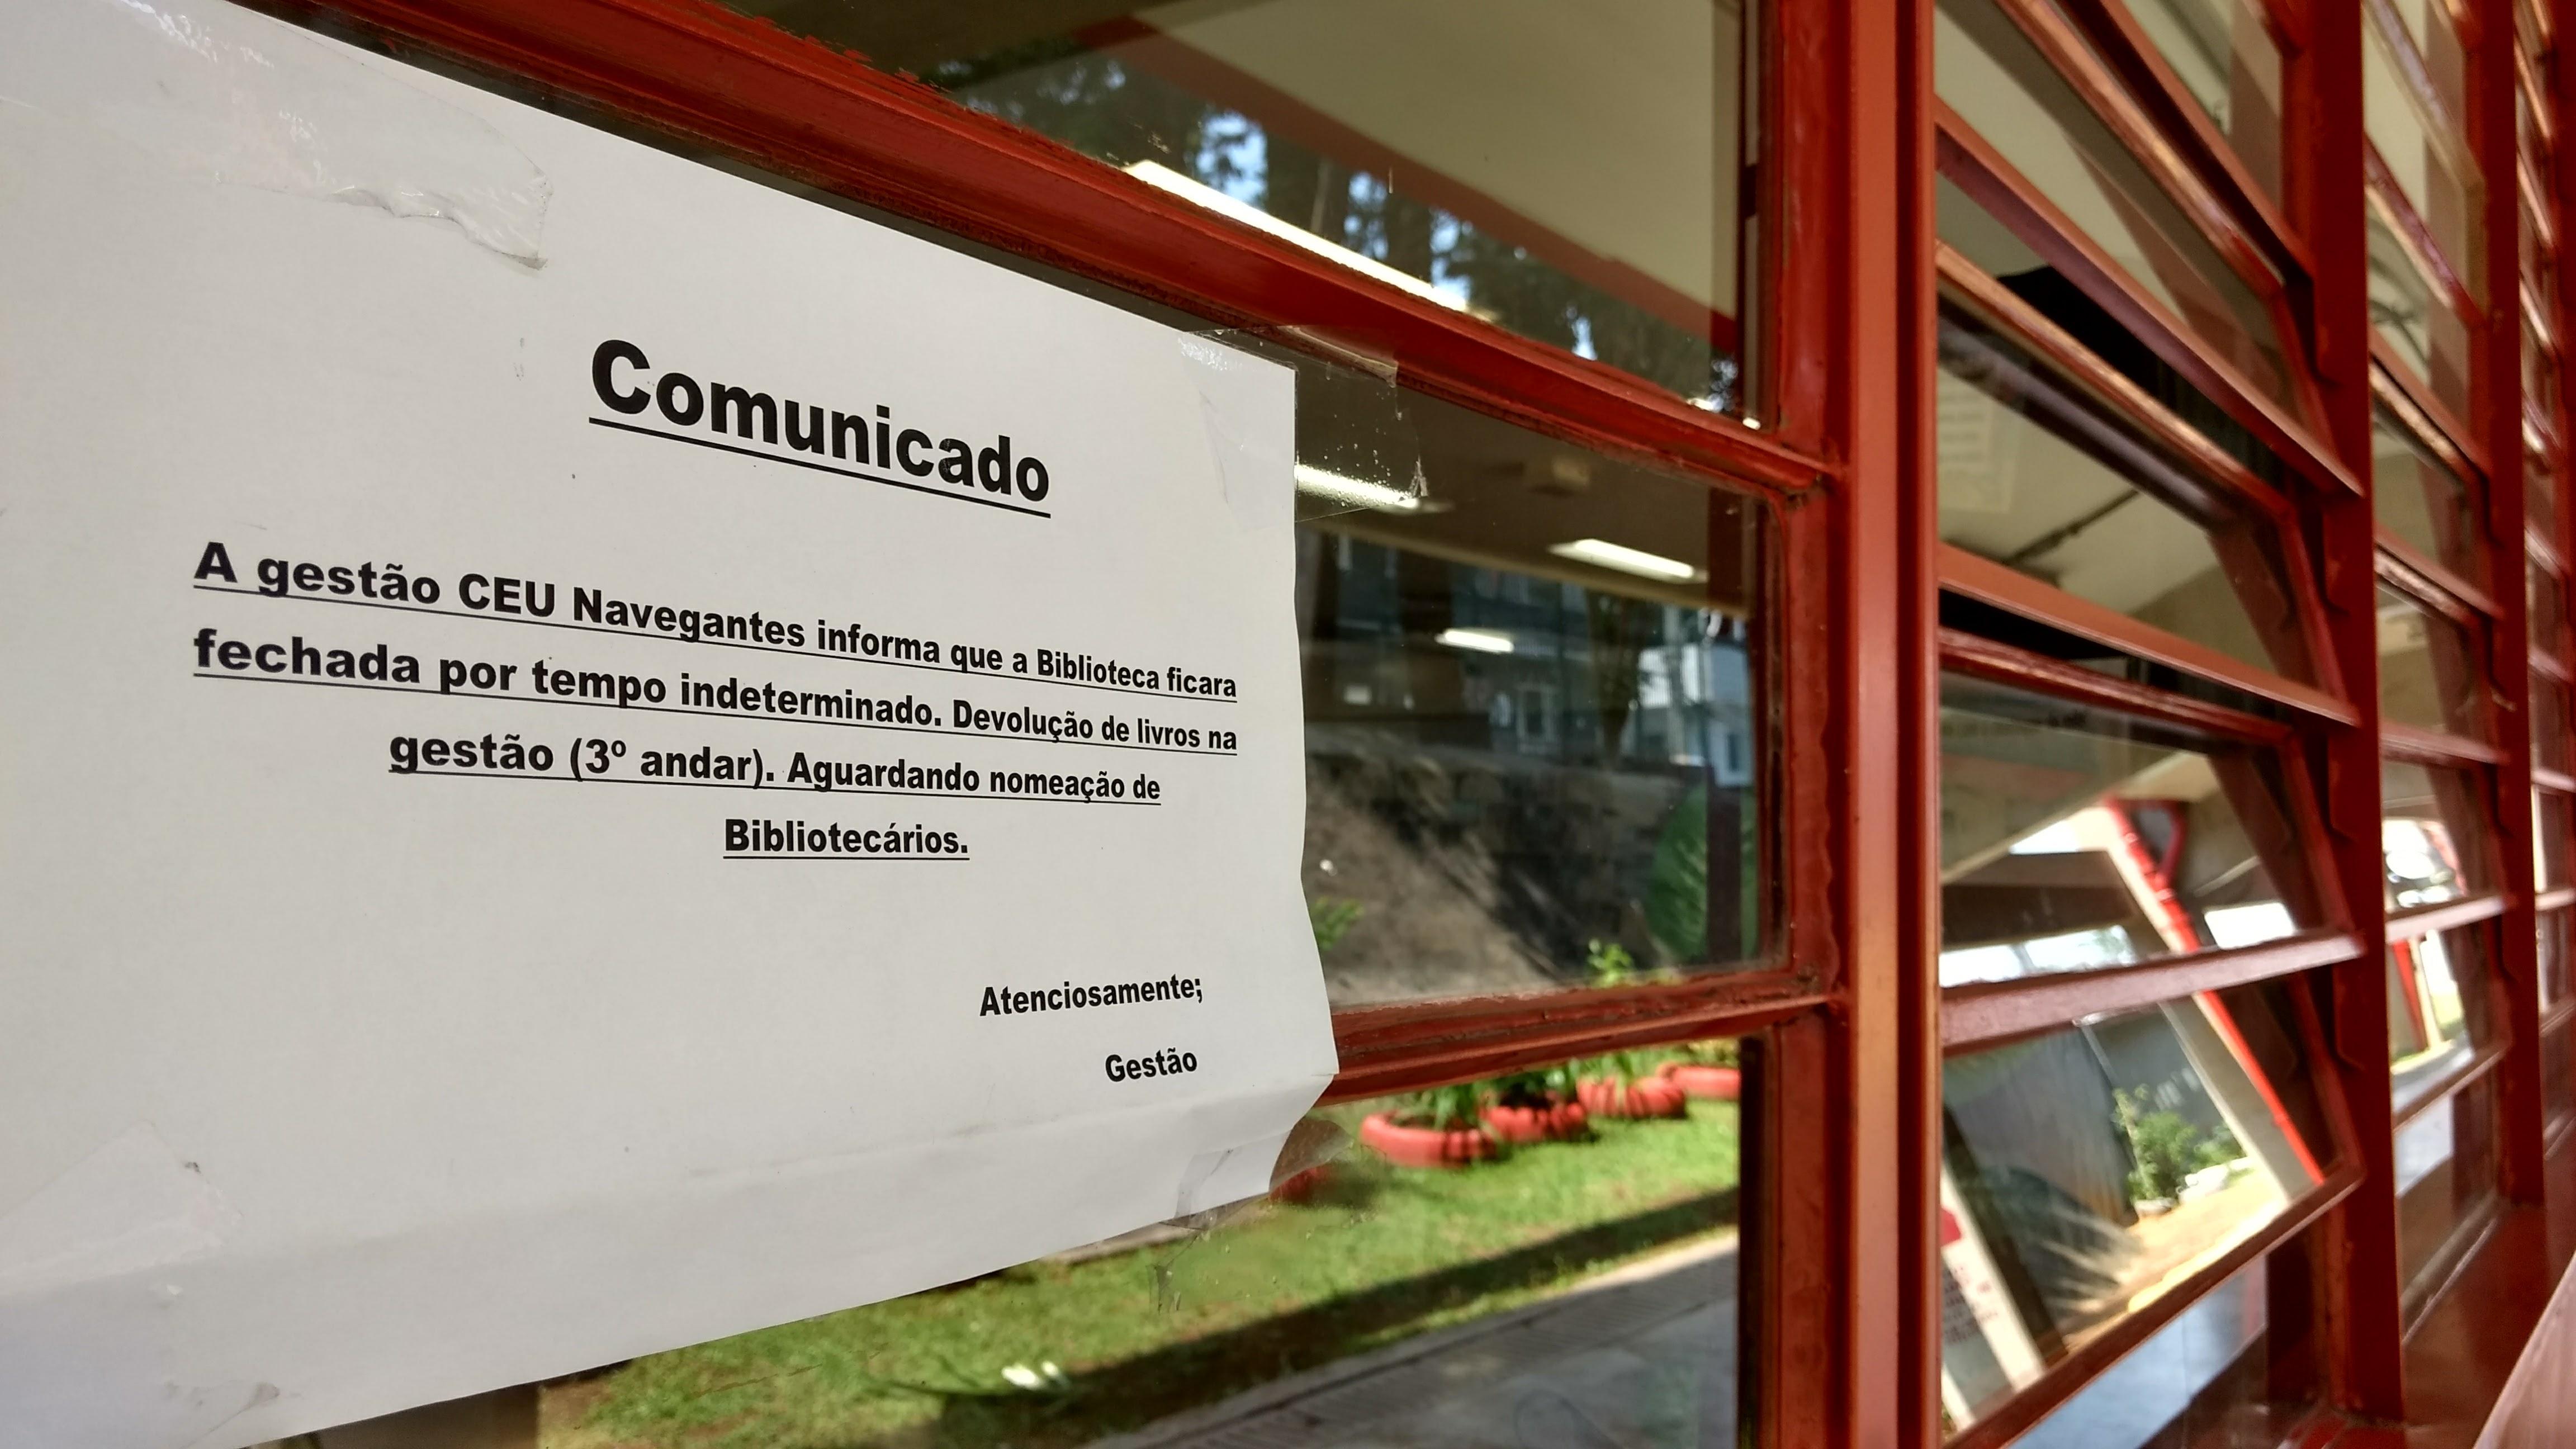 Biblioteca no CEU Navegantes está fechado